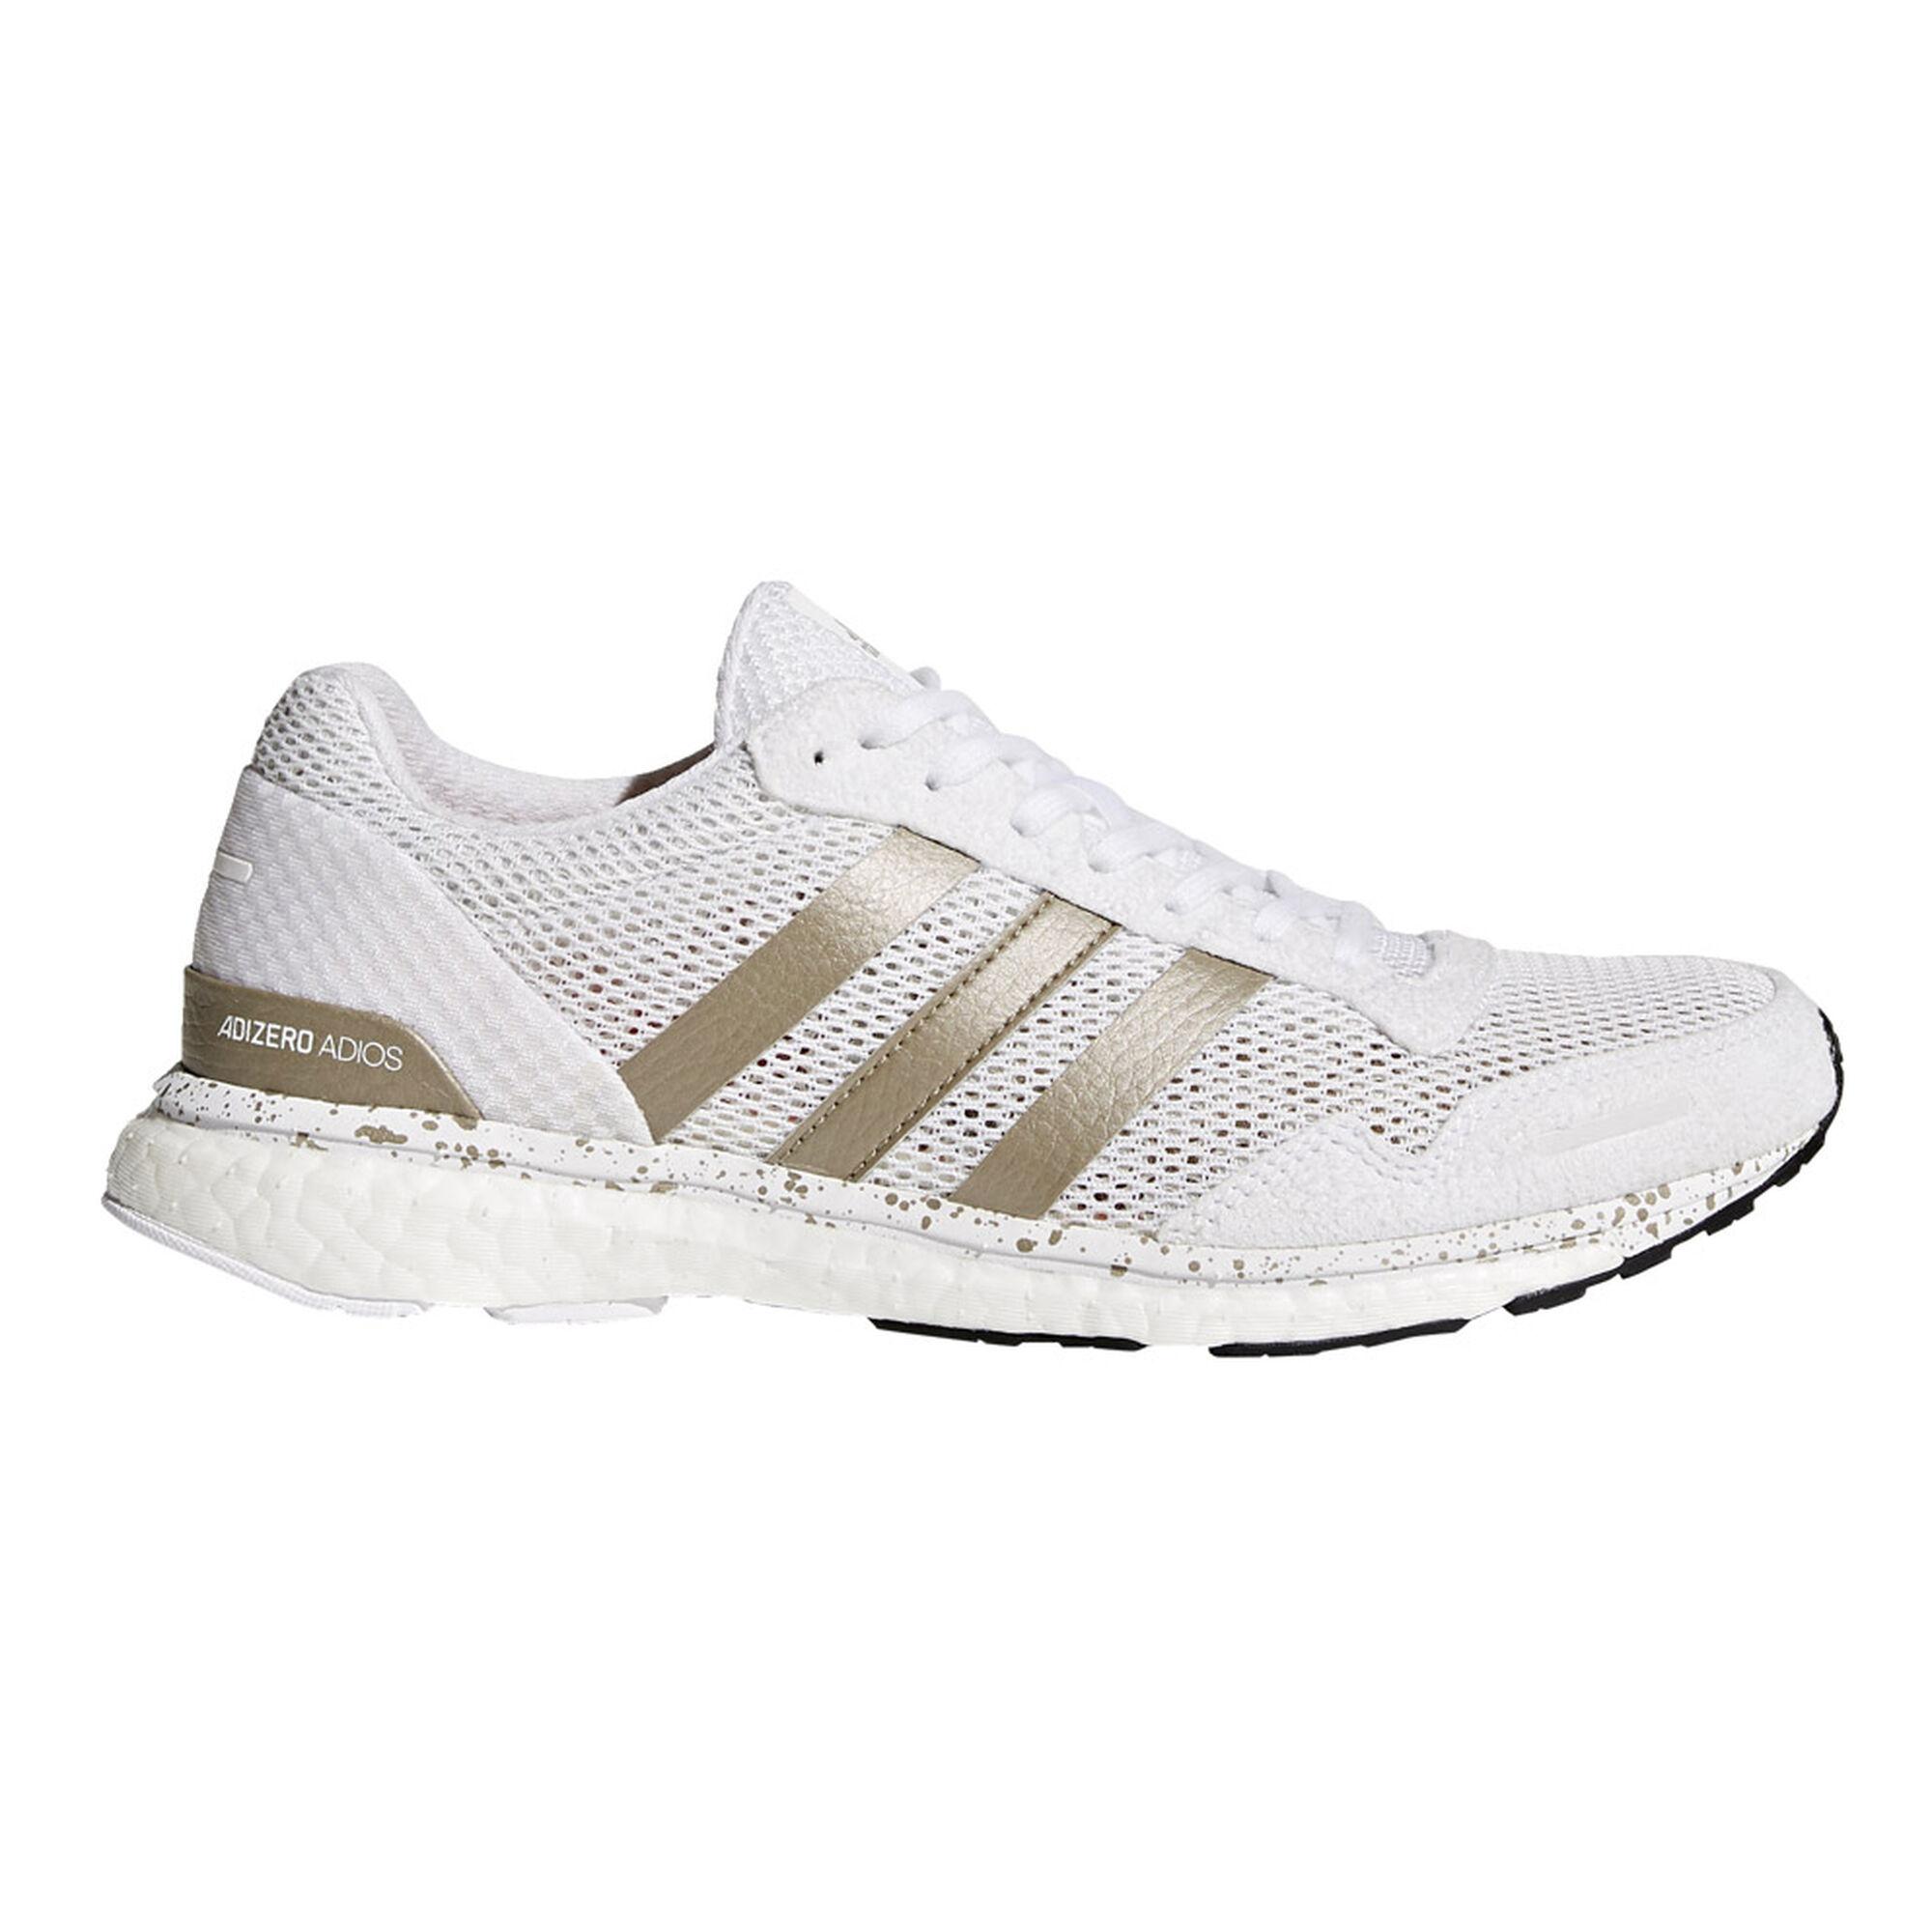 b0a42141085ded adidas Adizero Adios Wettkampfschuh Damen - Weiß